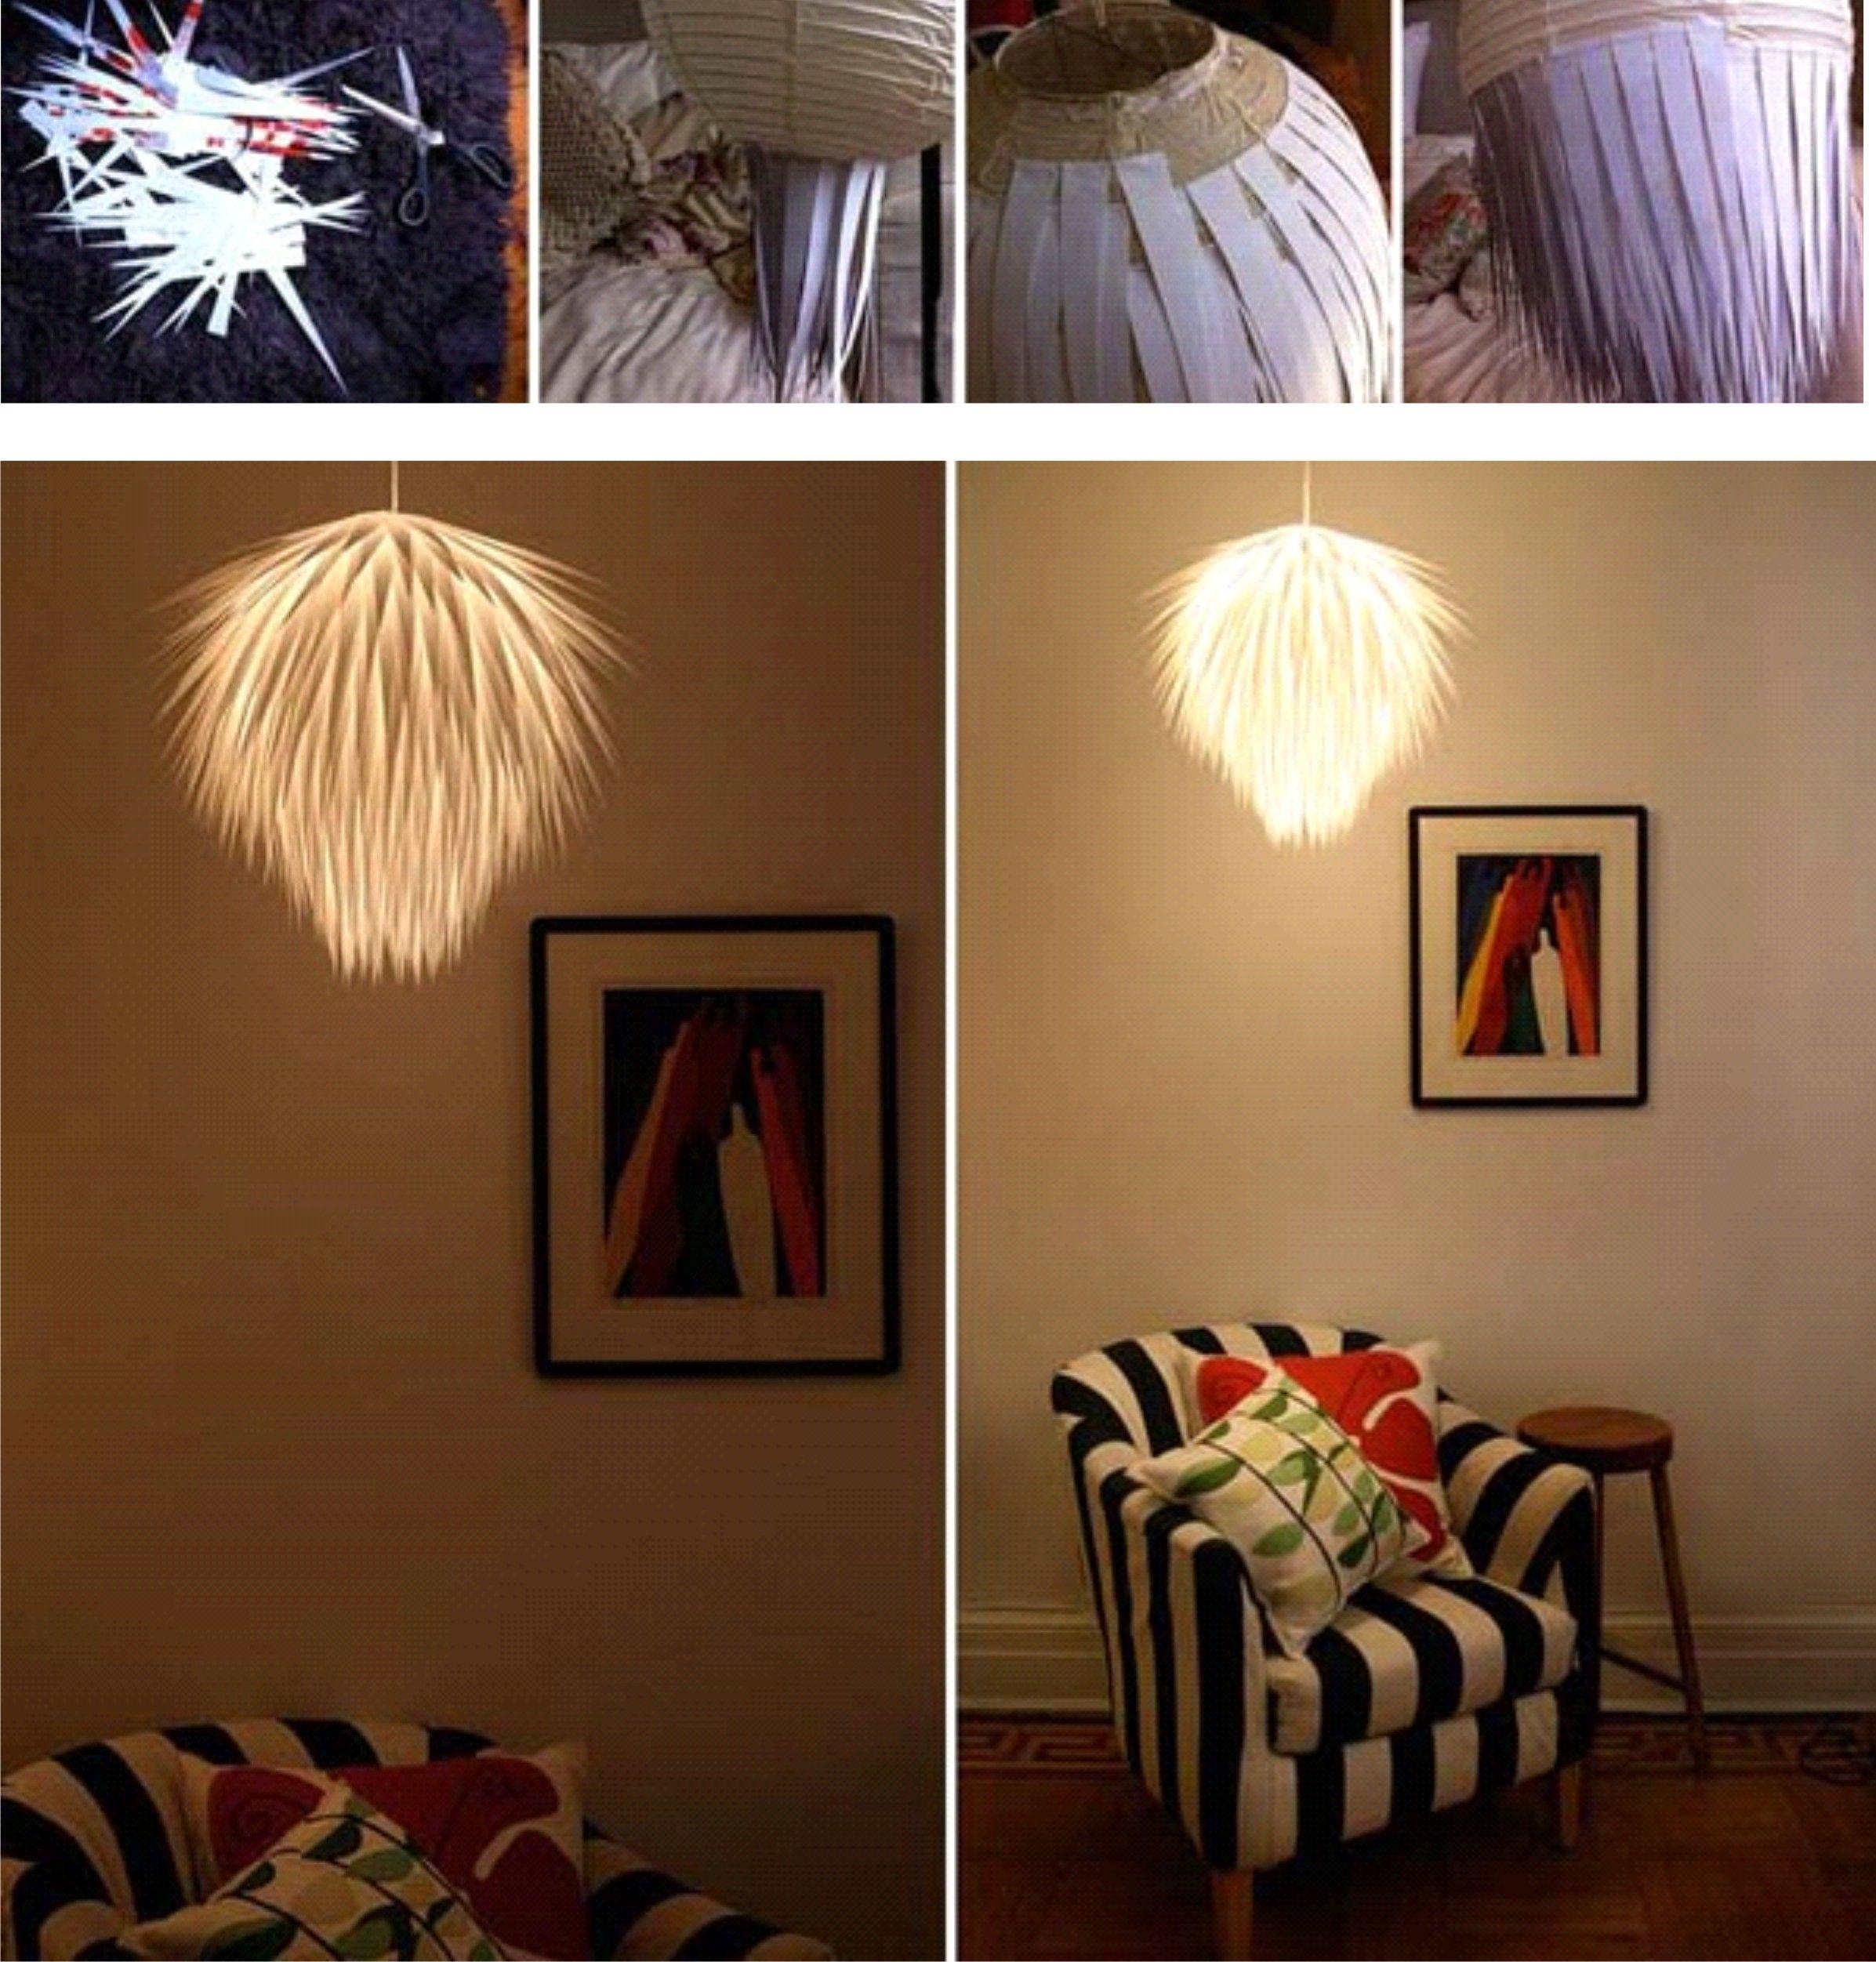 Wie aus einer alten IKEA lampe und Paier etwas magisches entsteht